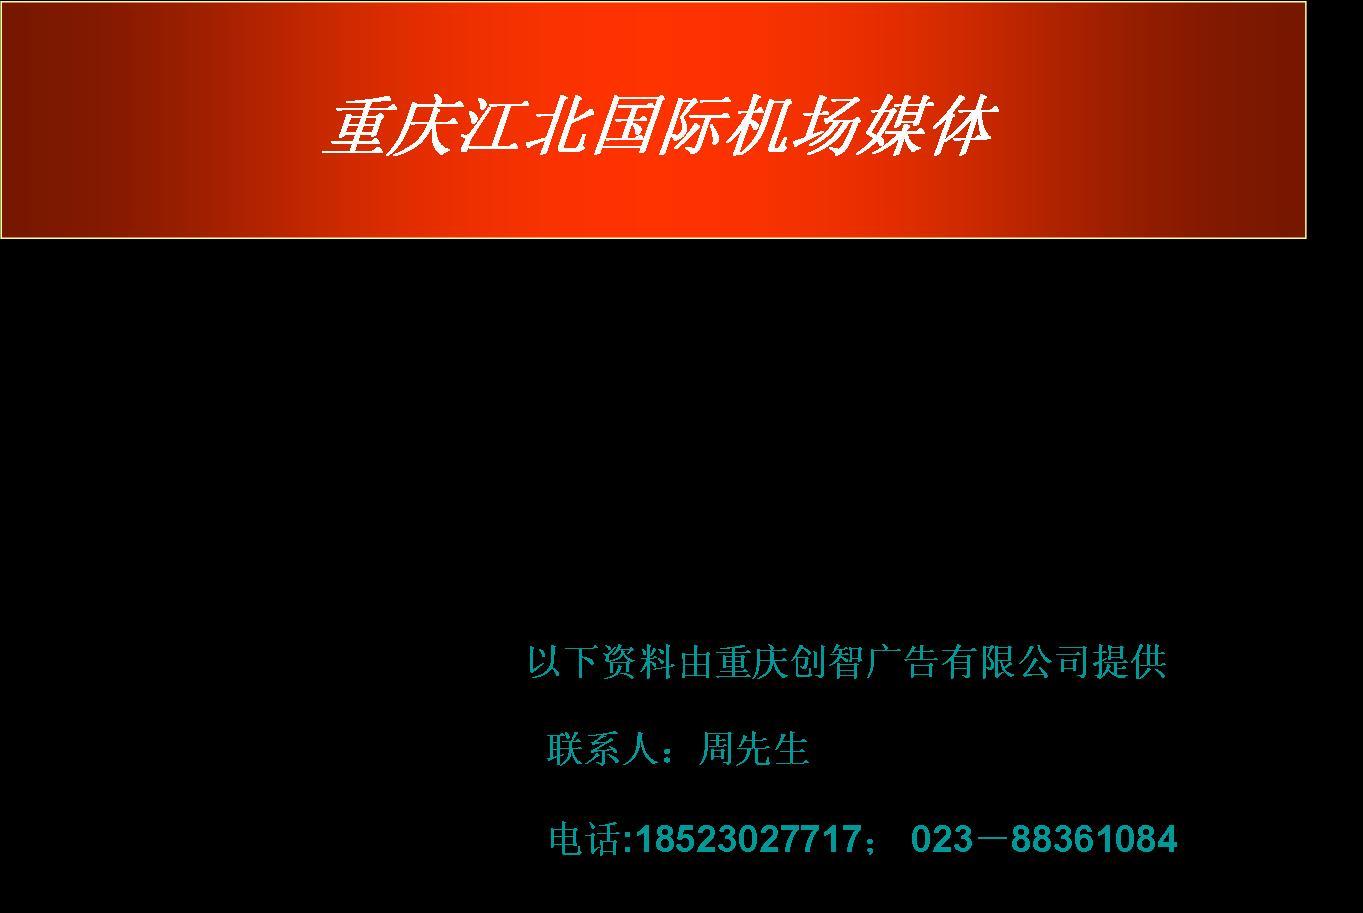 重庆机场出发、到达厅、候机楼灯箱媒体,市内户外T牌三面翻!!!